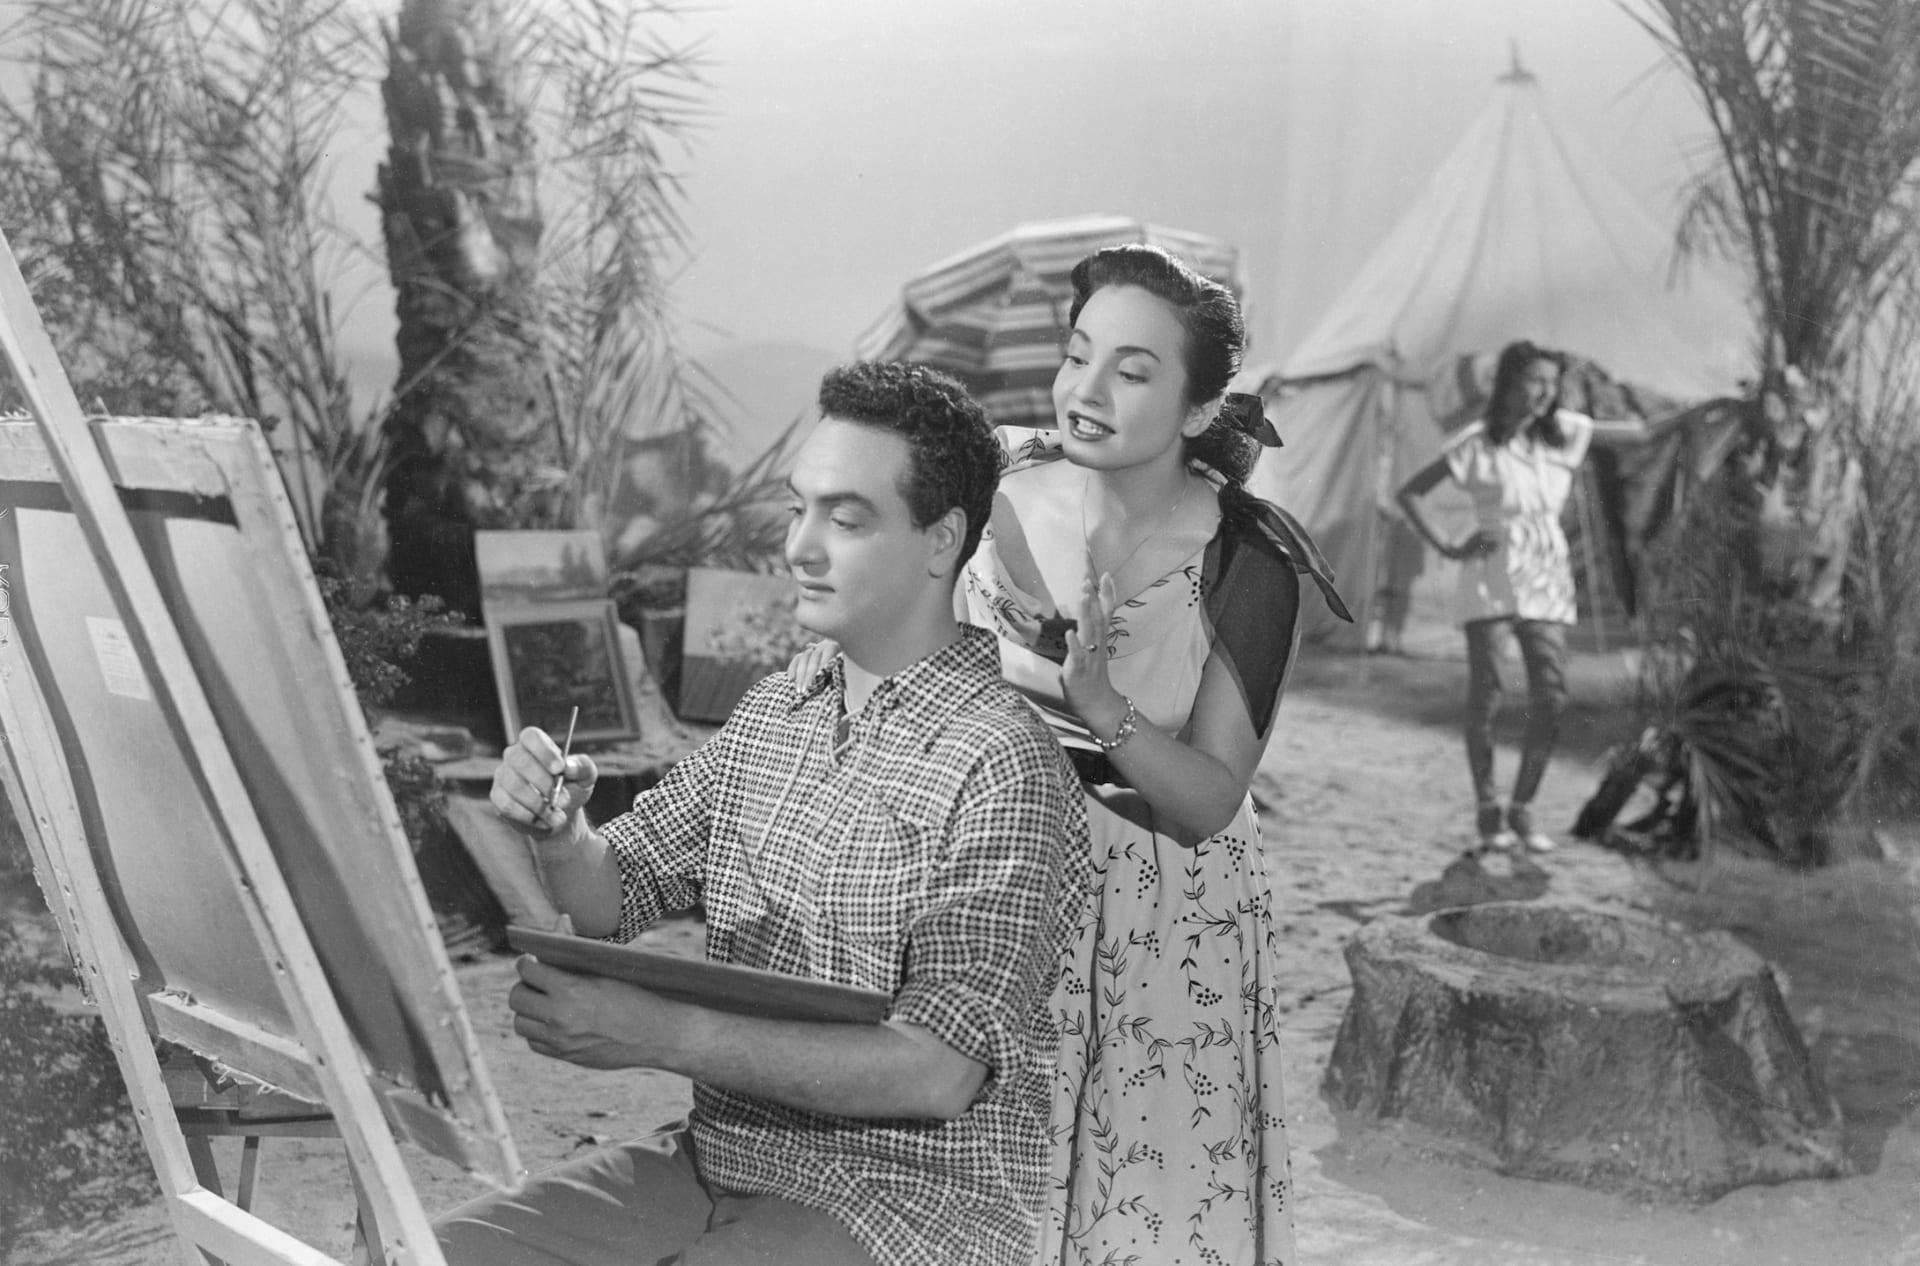 صور نادرة للسينما المصرية تعود إلى القرن العشرين